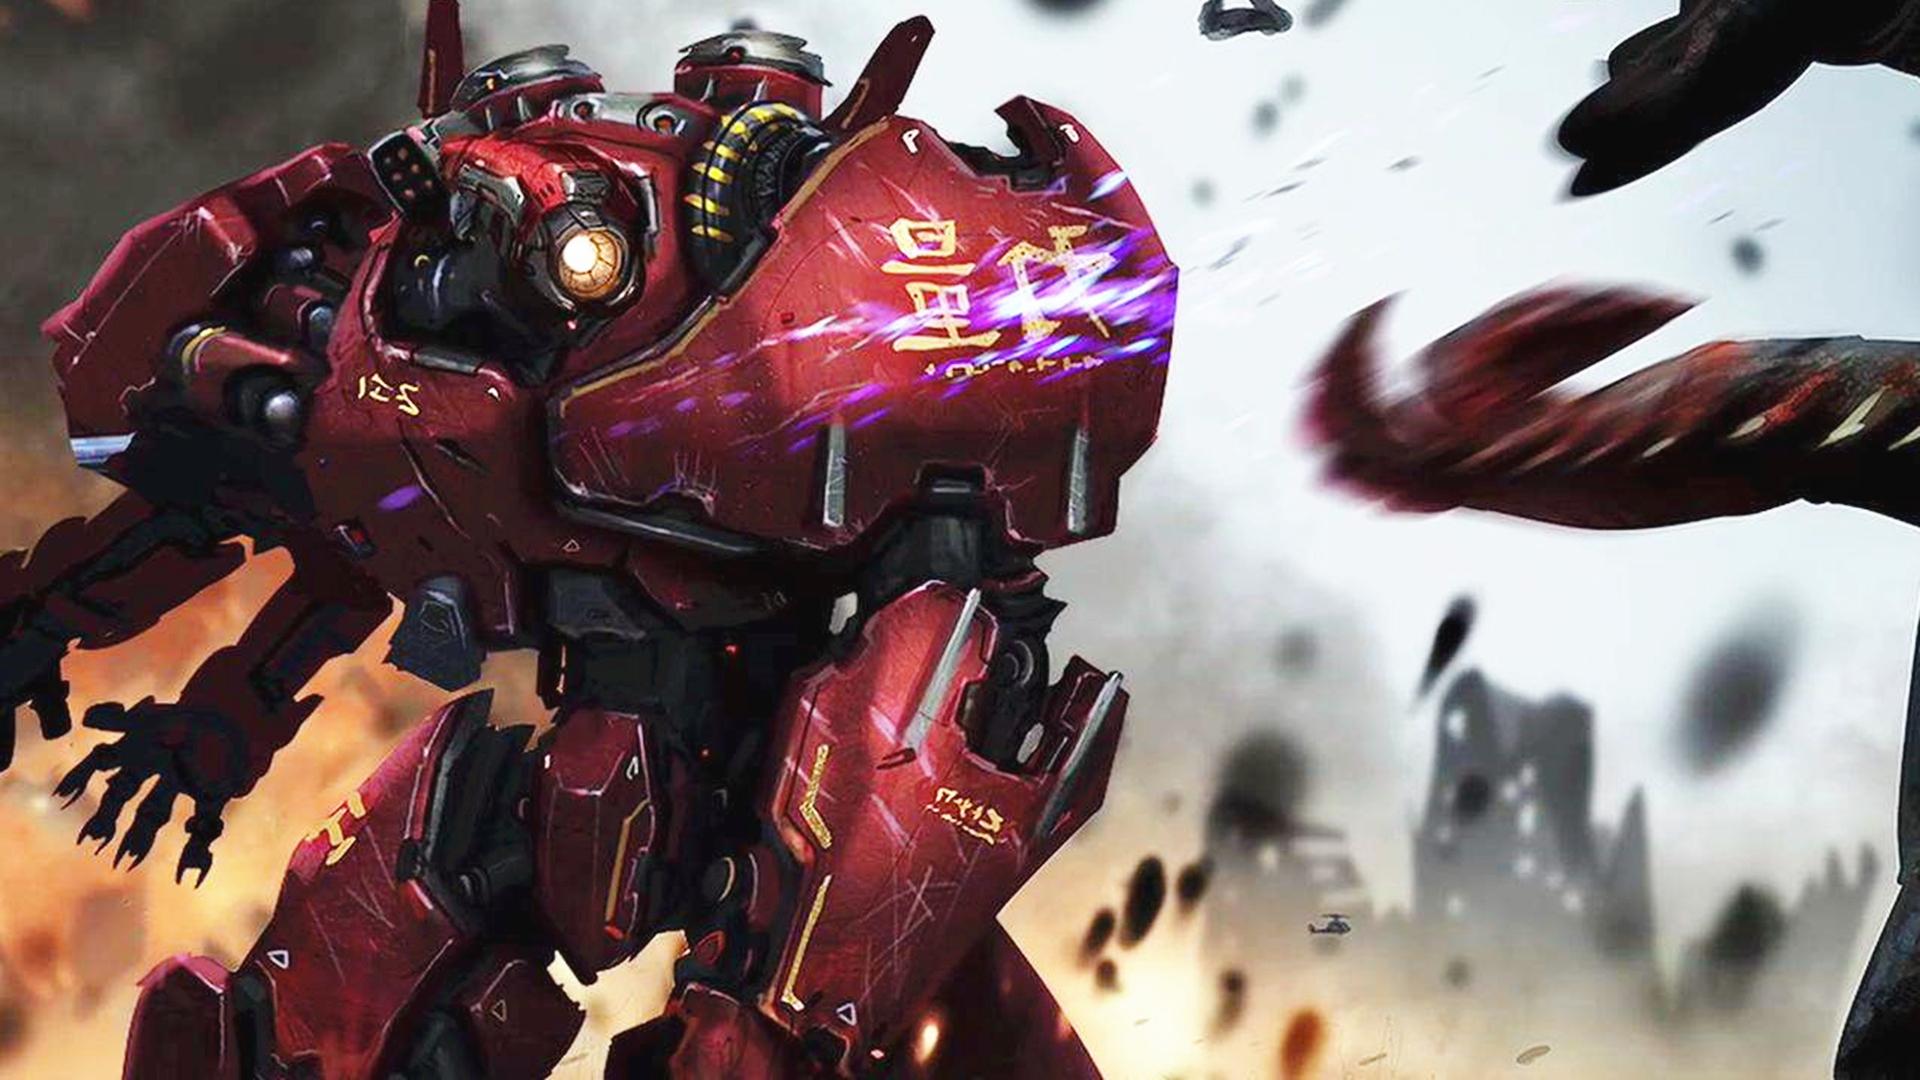 国产机甲三招就被锤爆?不是中国制造不行而是怪兽太强,高燃科幻